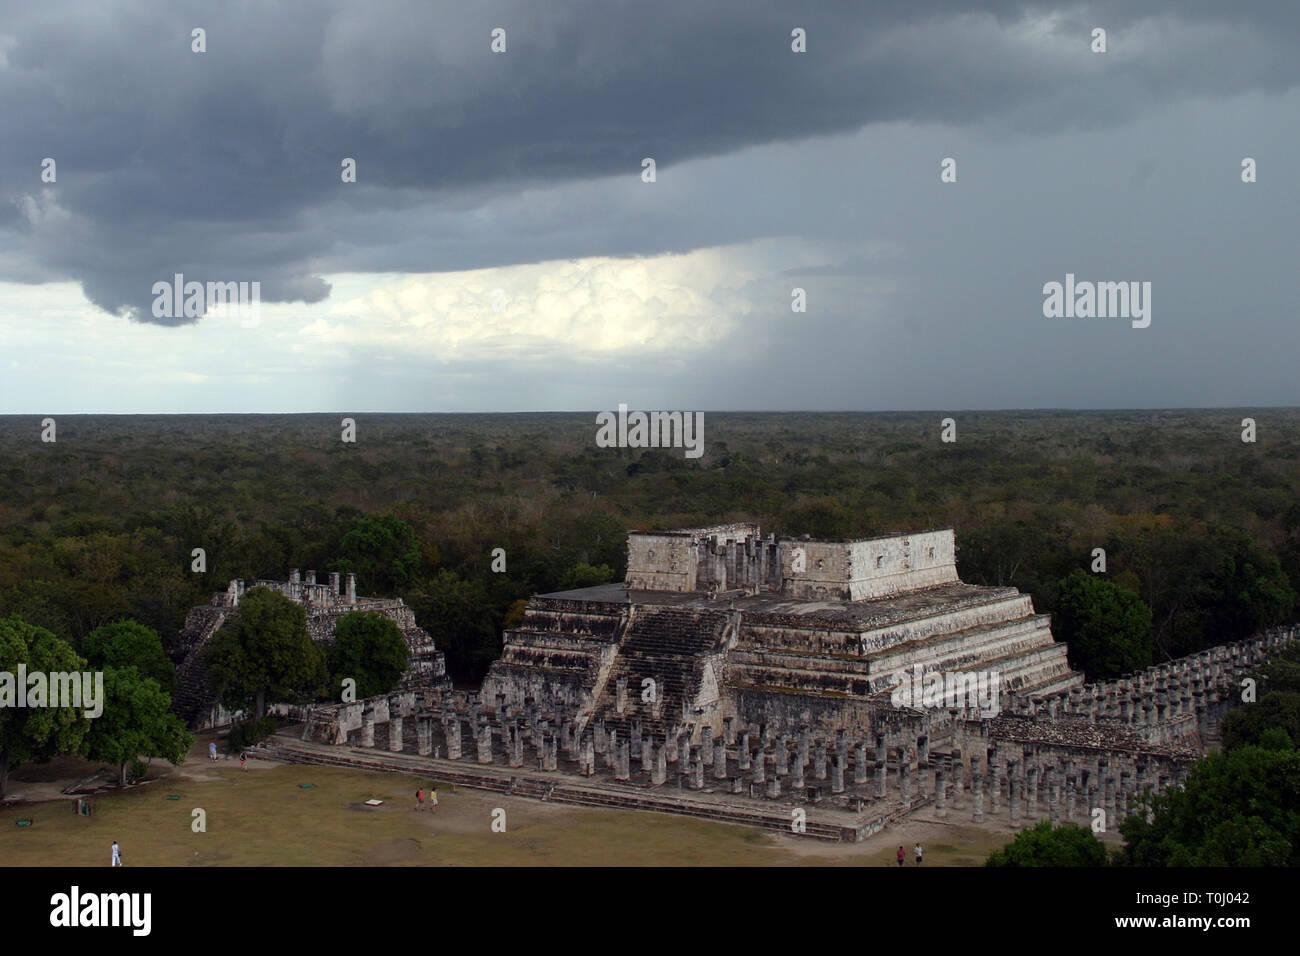 Zona arqueologica de Chichen Itza Zona arqueológica    Chichén ItzáChichén Itzá maya: (Chichén) Boca del pozo;   de los (Itzá) brujos de agua.  Es uno de los principales  sitios arqueológicos de la  península de Yucatán,   en México, ubicado en el municipio de Tinum.  *Photo:*©Francisco*Morales/DAMMPHOTO.COM/NORTEPHOTO** No * sale * a * third * - Stock Image